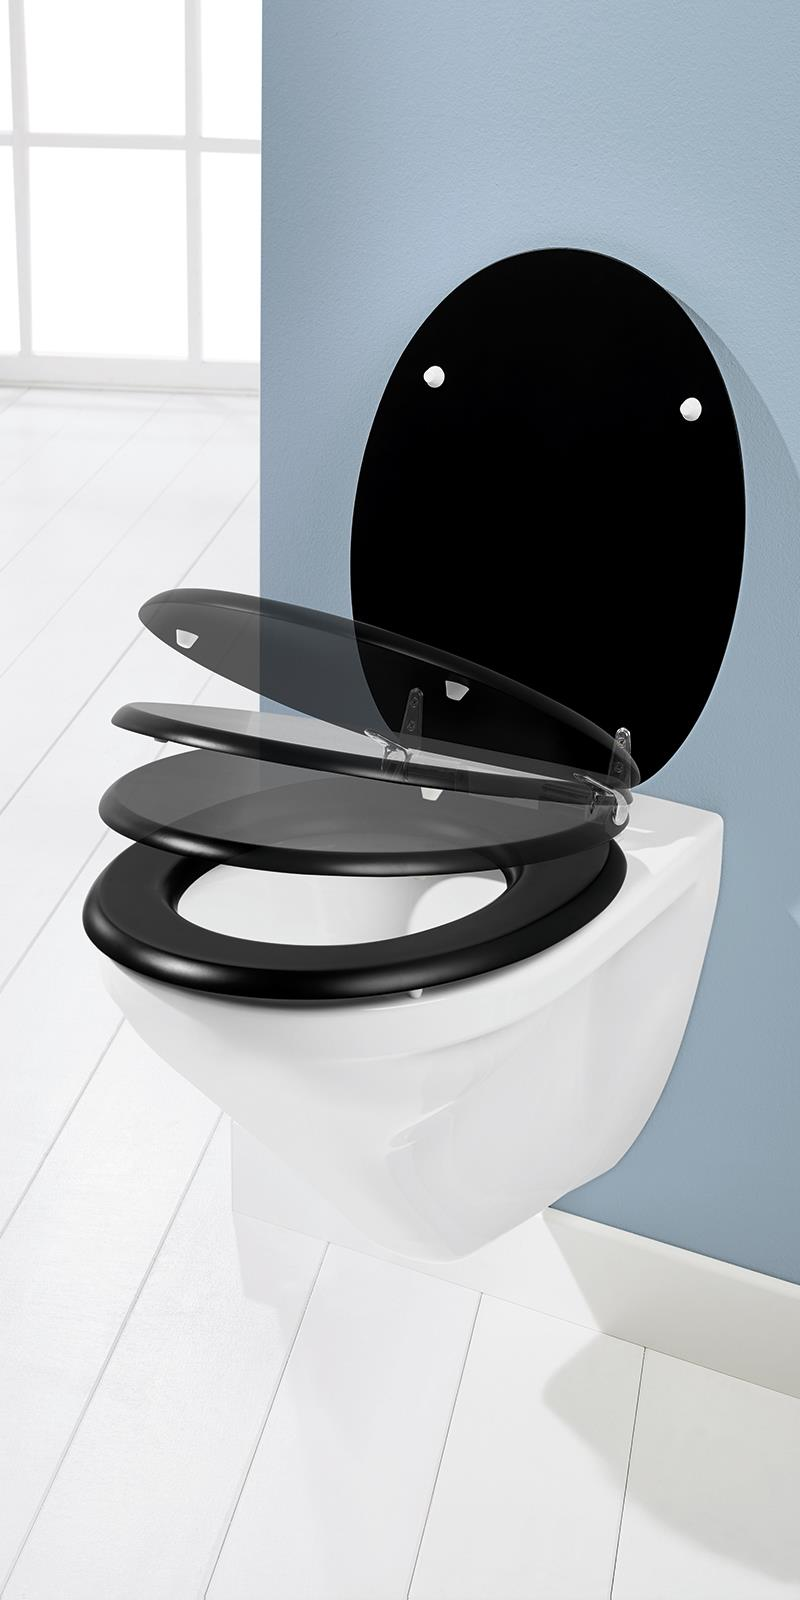 toilettensitz absenkautomatik schwarz klobrille wc sitz klodeckel bad ebay. Black Bedroom Furniture Sets. Home Design Ideas